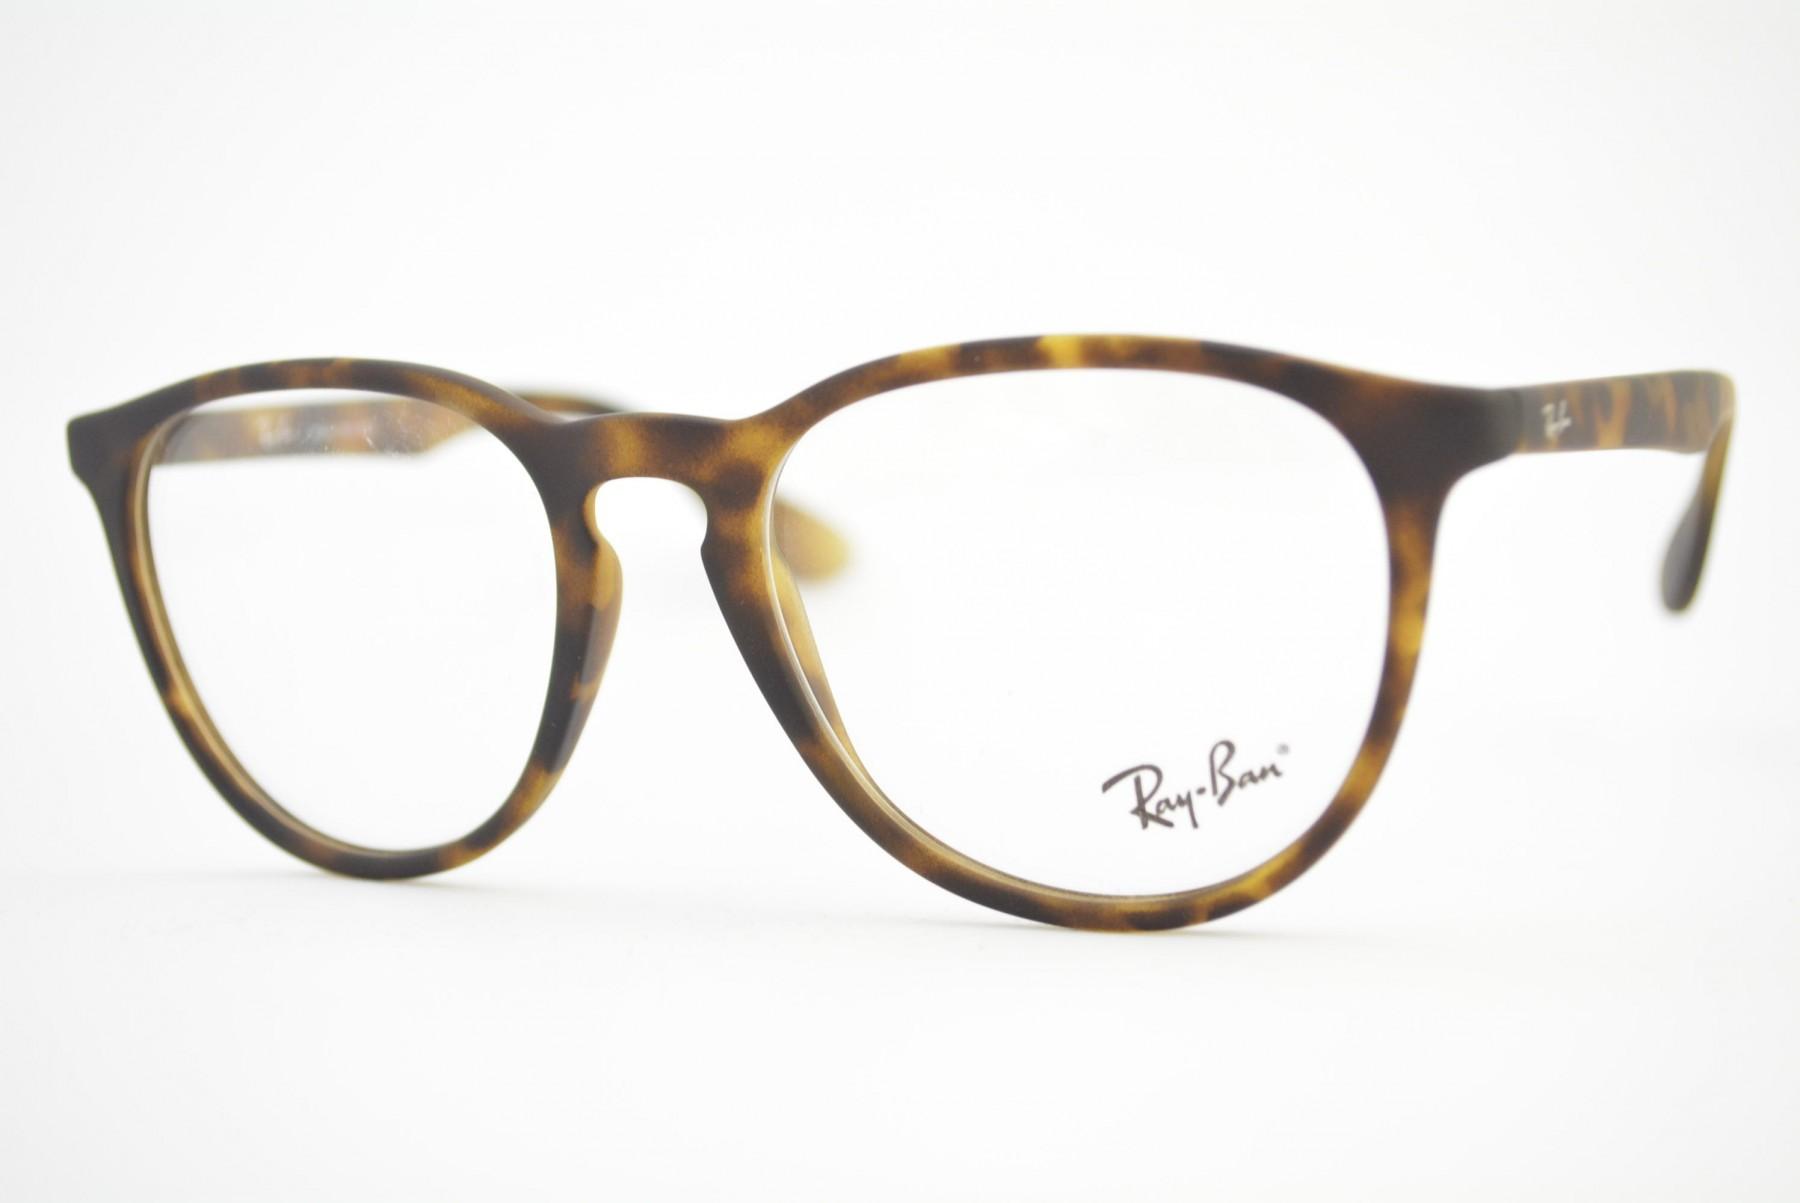 83dc4f13b377a armação de óculos Ray Ban Erika mod rb7046L 5365 Ótica Cardoso